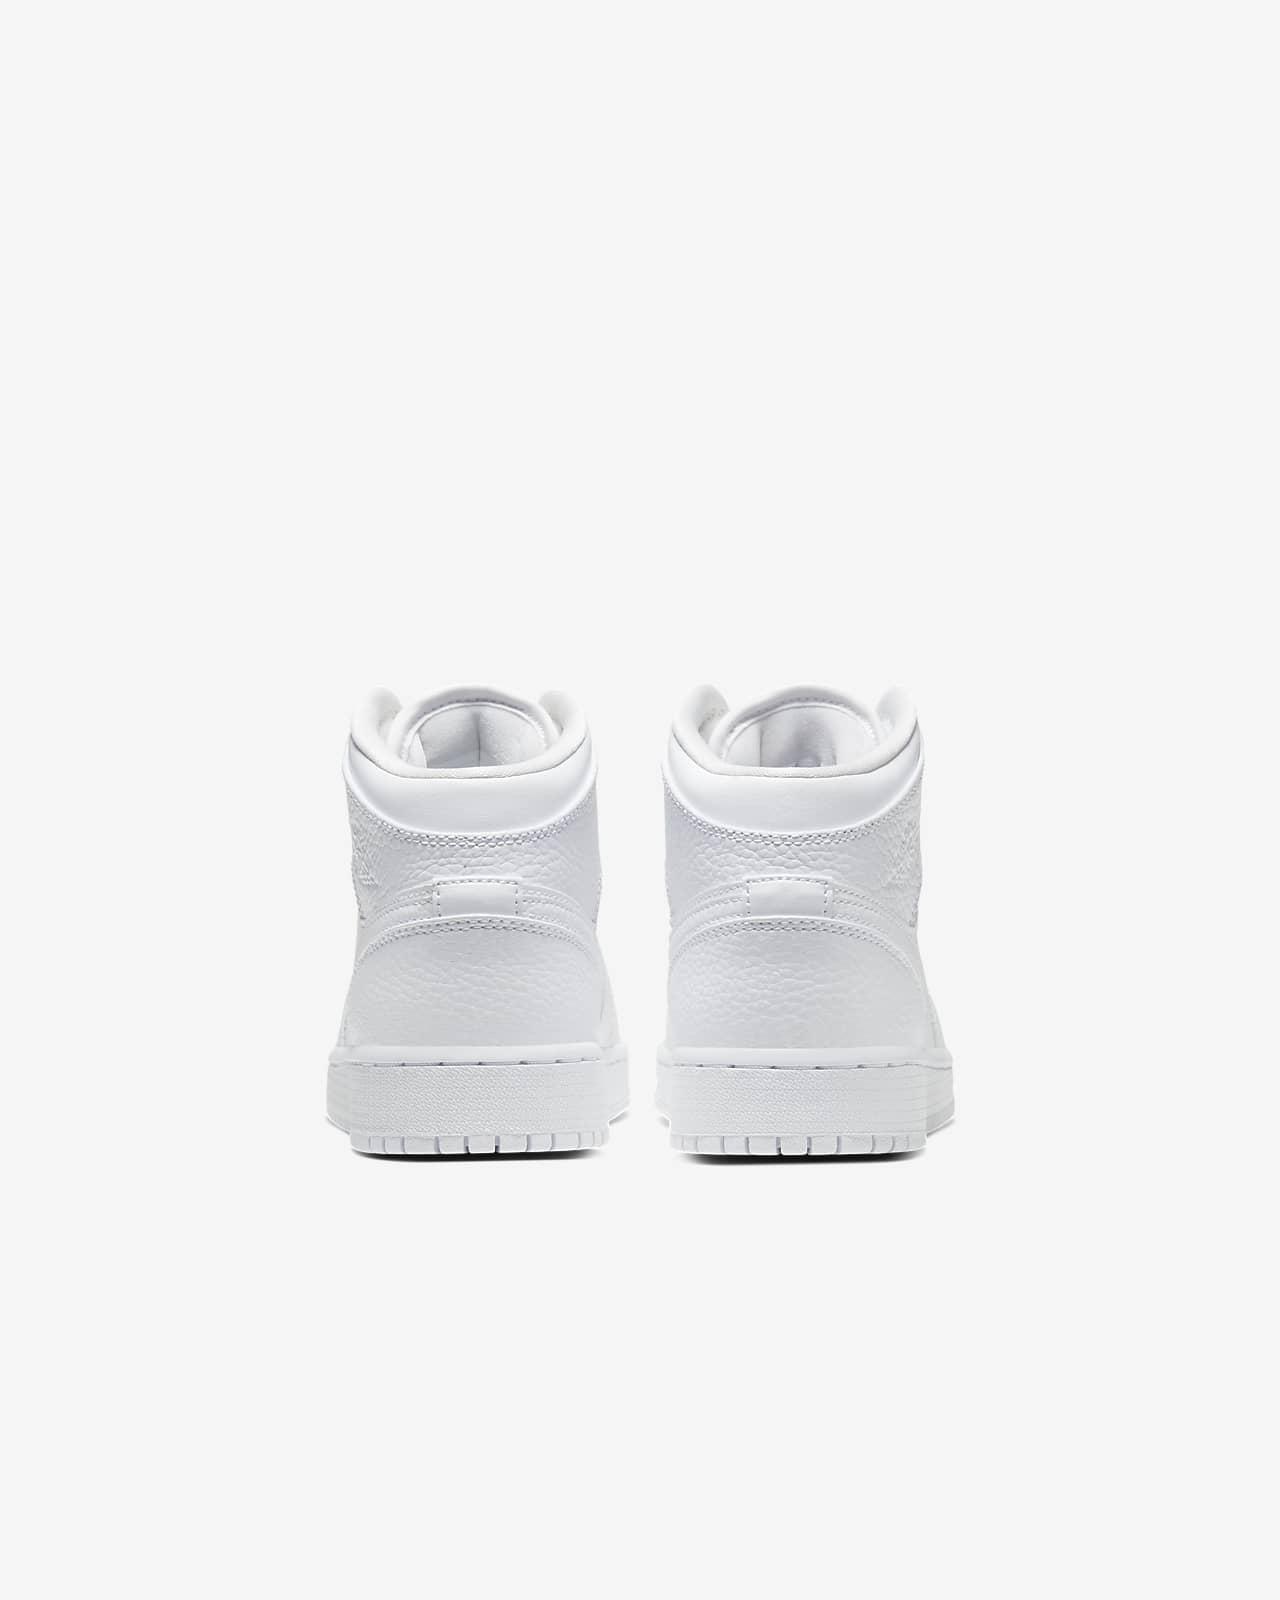 Air Jordan 1 Mid Older Kids' Shoes. Nike GB